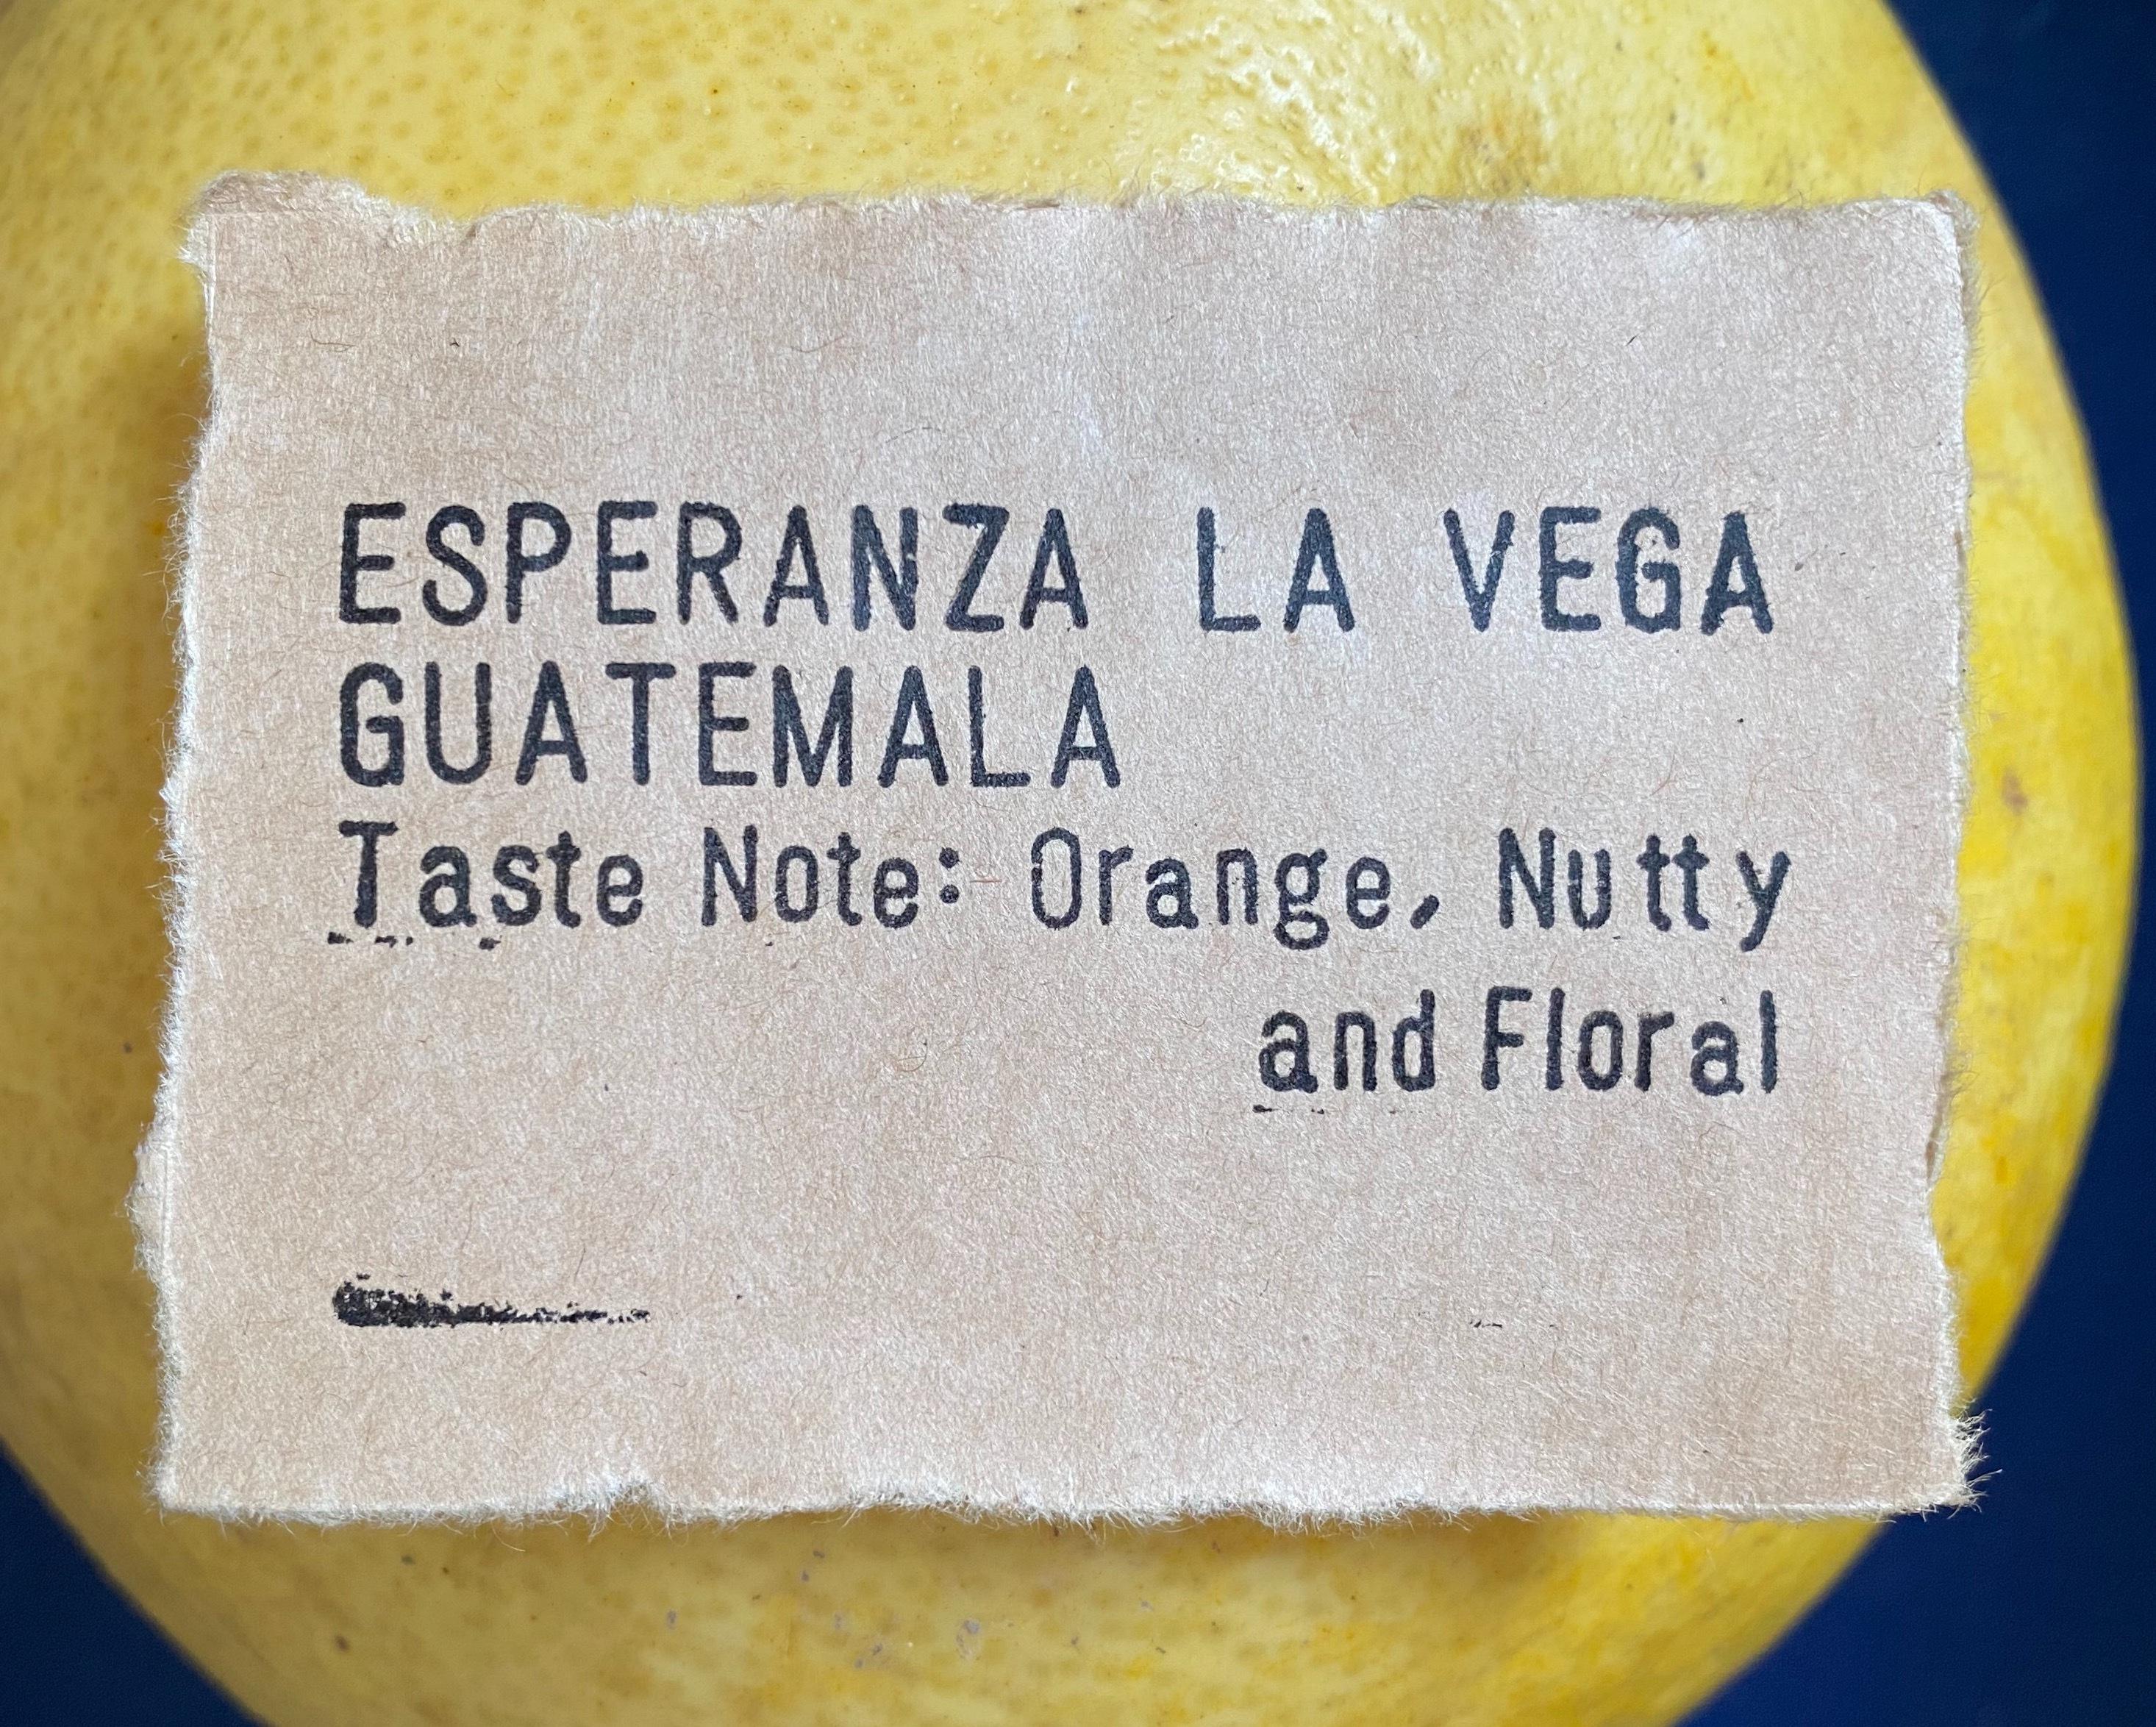 グアテマラ エスペランサ ラ ヴェガ